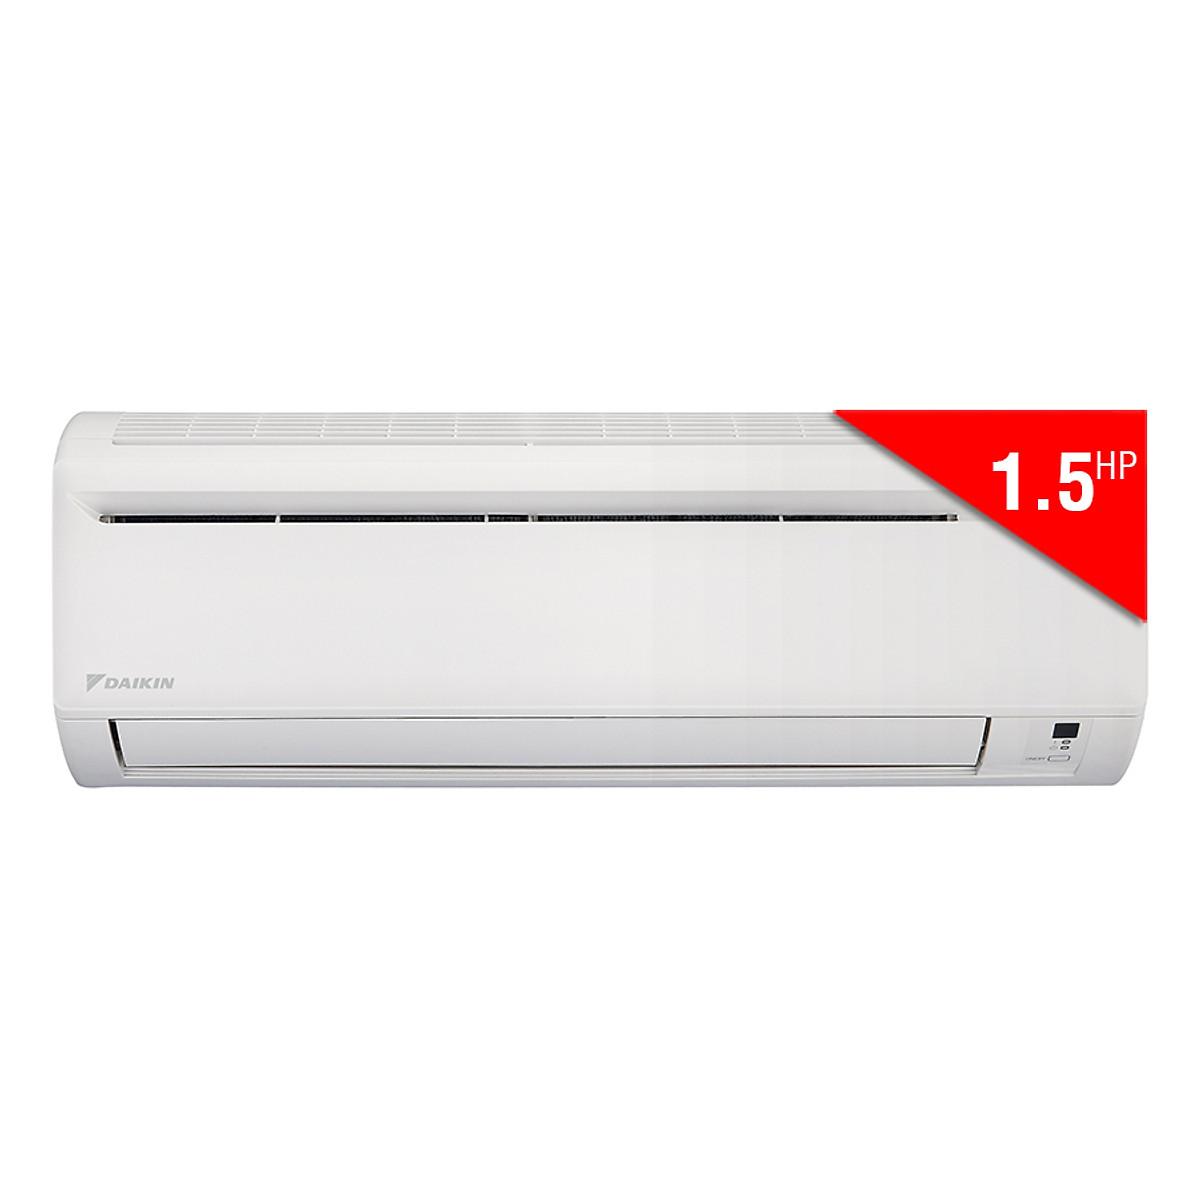 máy lạnh Daikin nhập khẩu